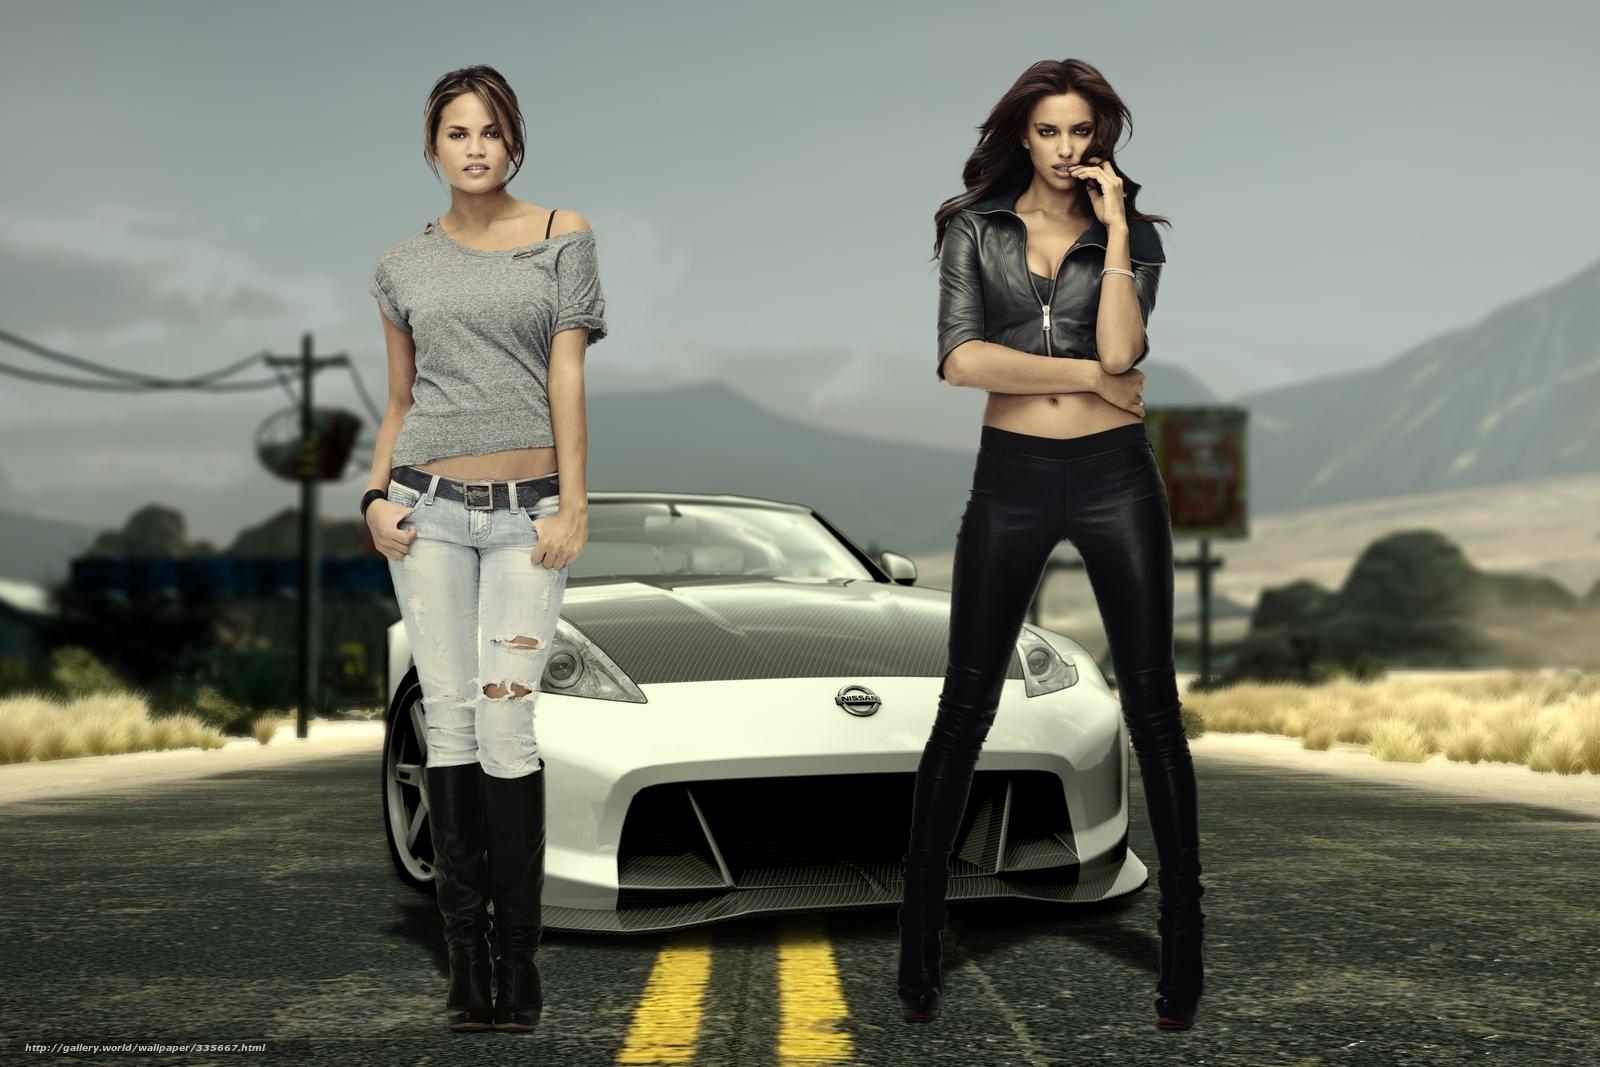 модели обои: